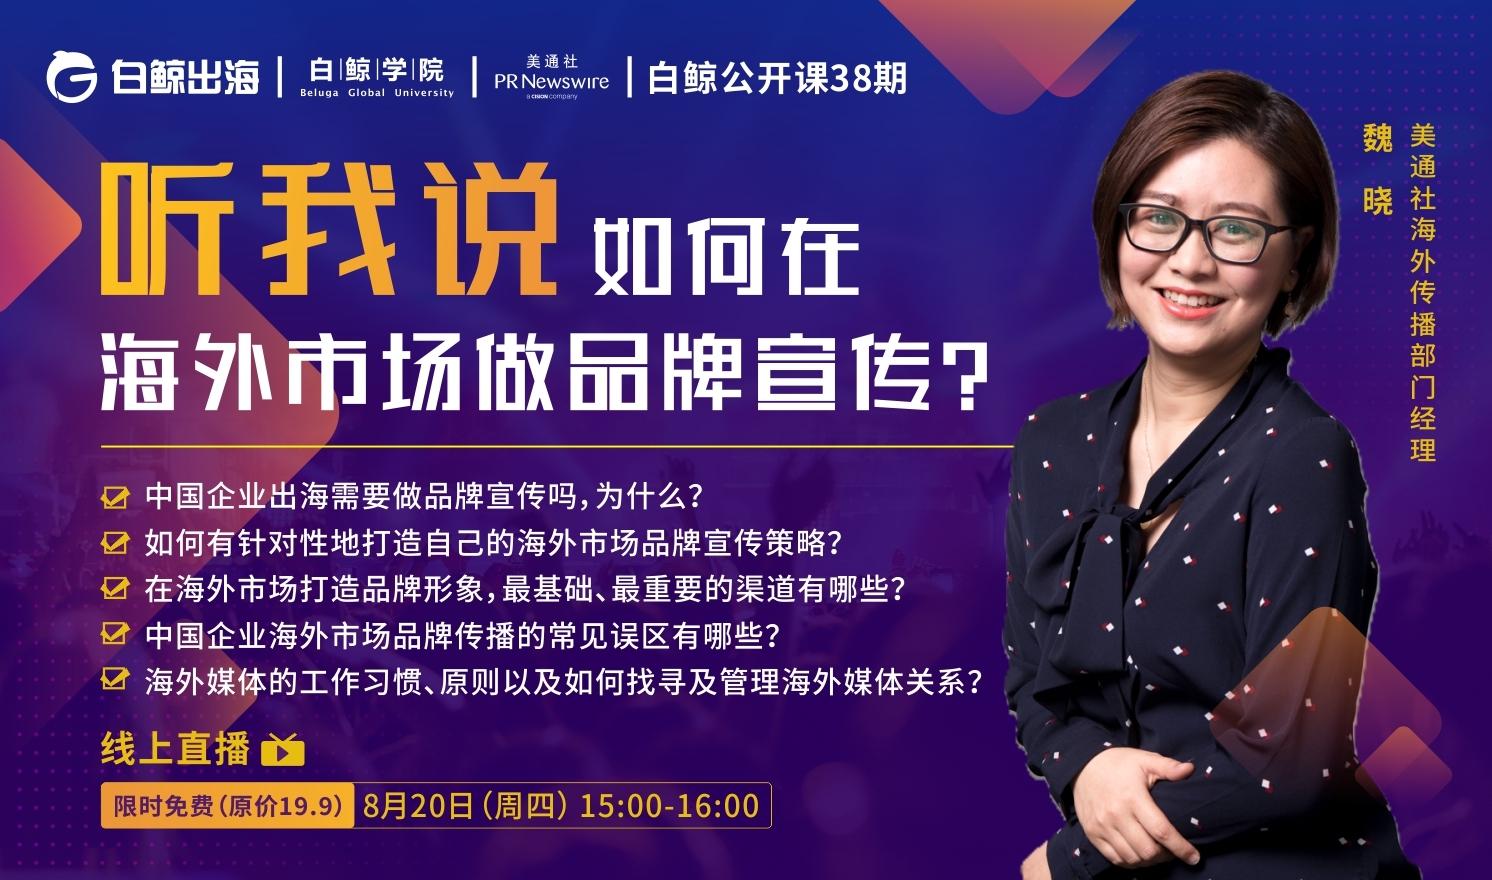 【白鲸公开课38期】打破海外用户对中国企业的刻板印象——从0开始做品牌宣传(2020-08-20)